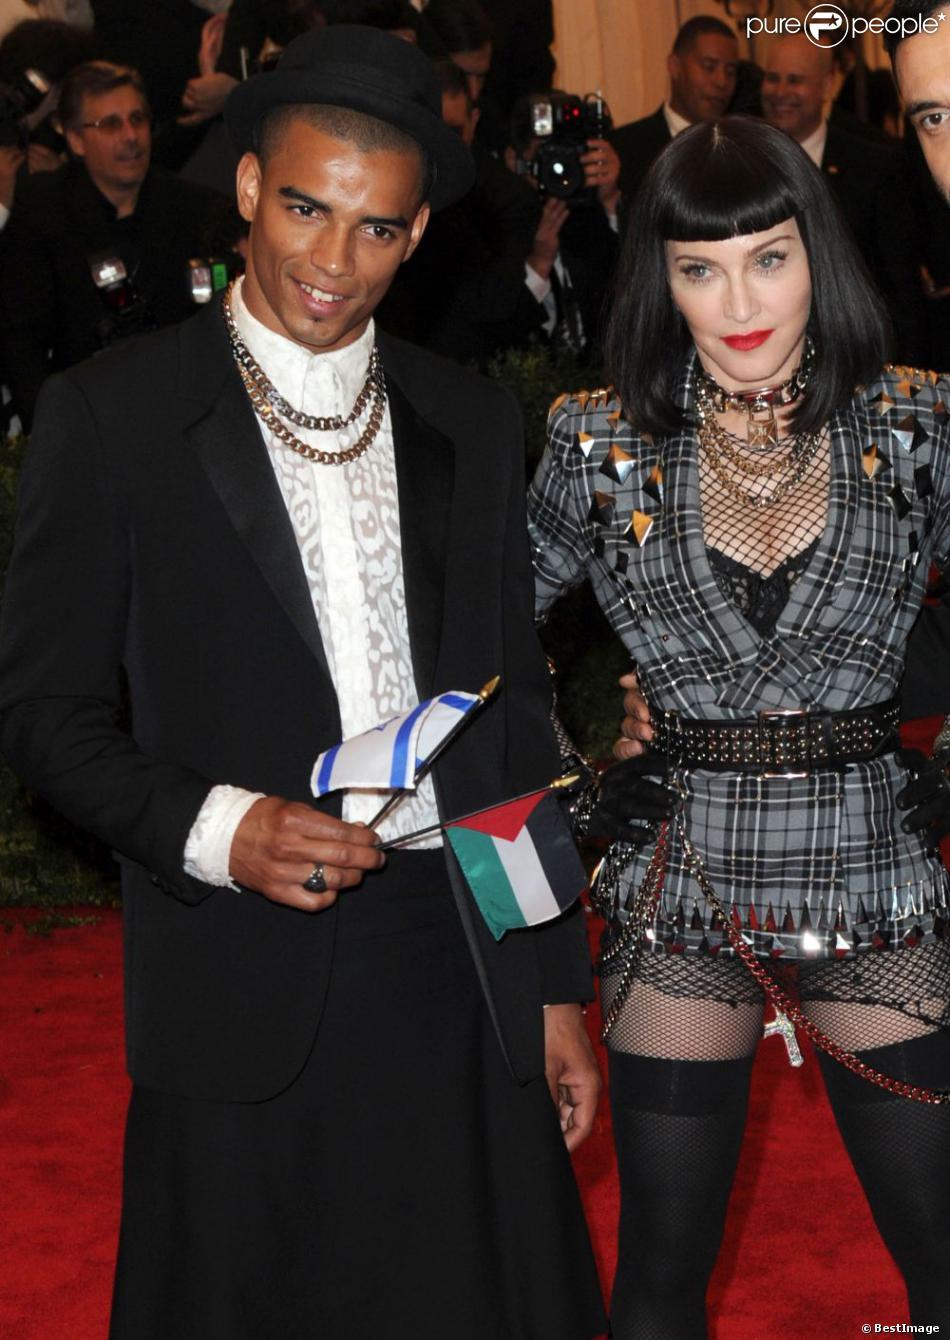 Madonna et Brahim Zaibat au MET Ball 2013, au Metropolitan Museum of Art, à New York le 6 mai 2013.